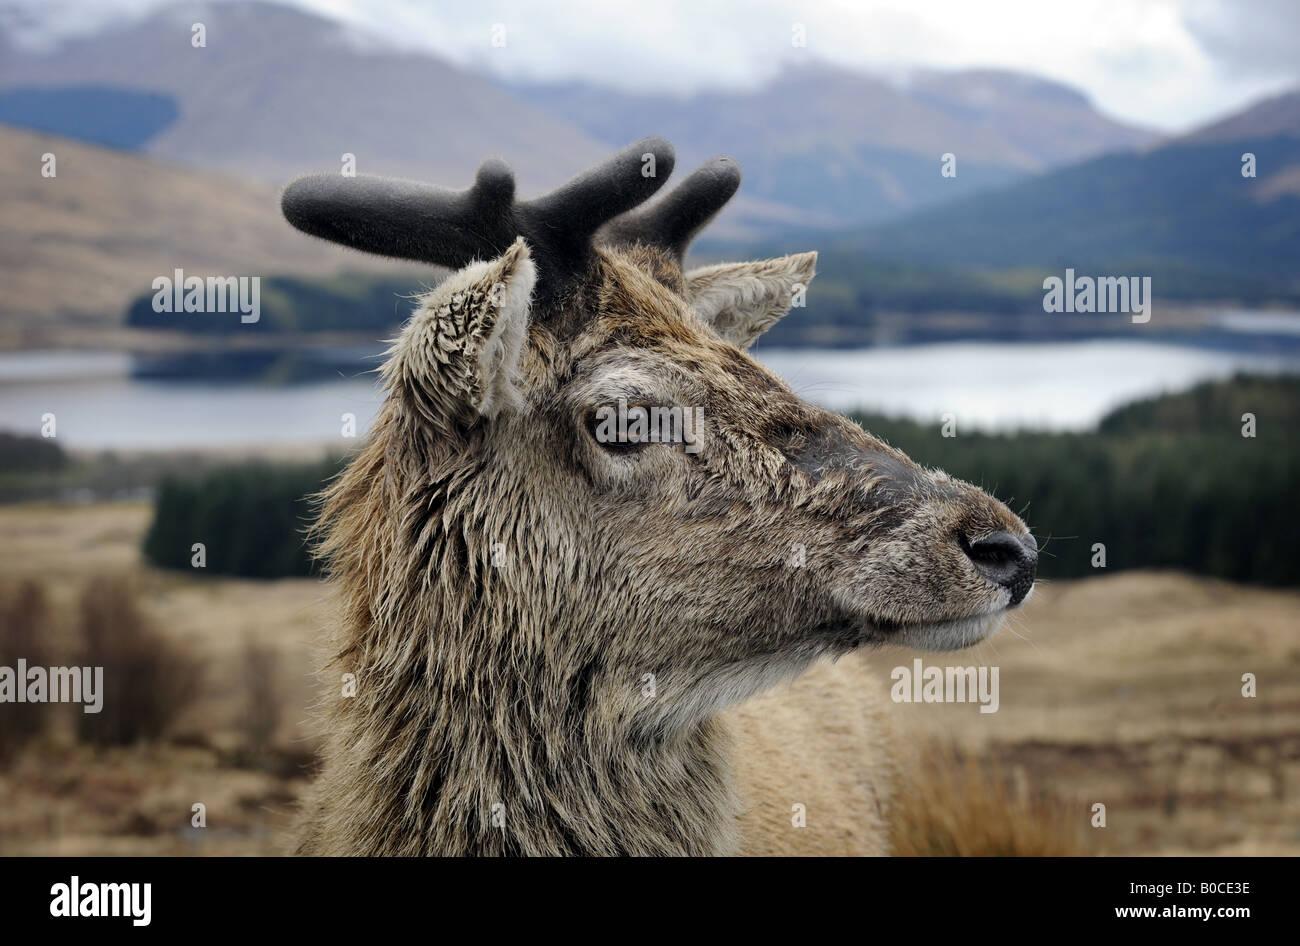 Un natif ÉCOSSAIS DEER REPRÉSENTÉE DANS LES HIGHLANDS D'ÉCOSSE Près de Glencoe, UK. Photo Stock